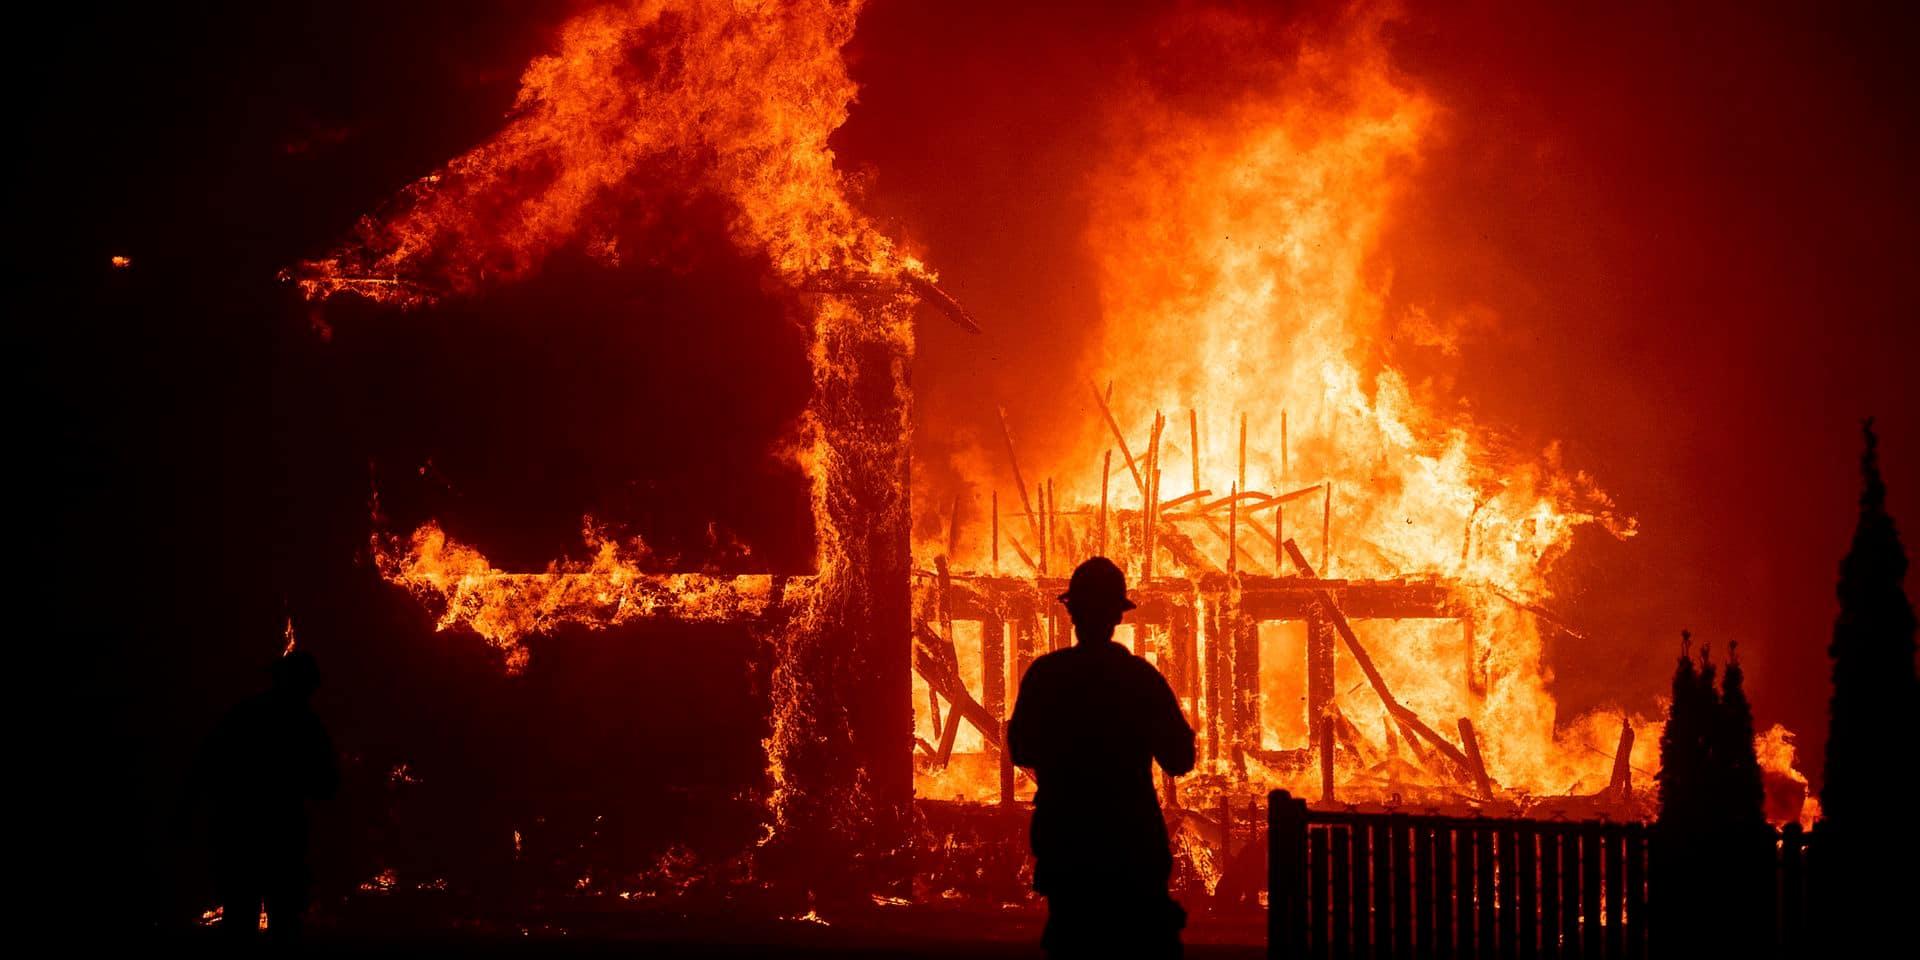 Incendies en Californie: une société électrique plaide coupable pour 84 homicides involontaires